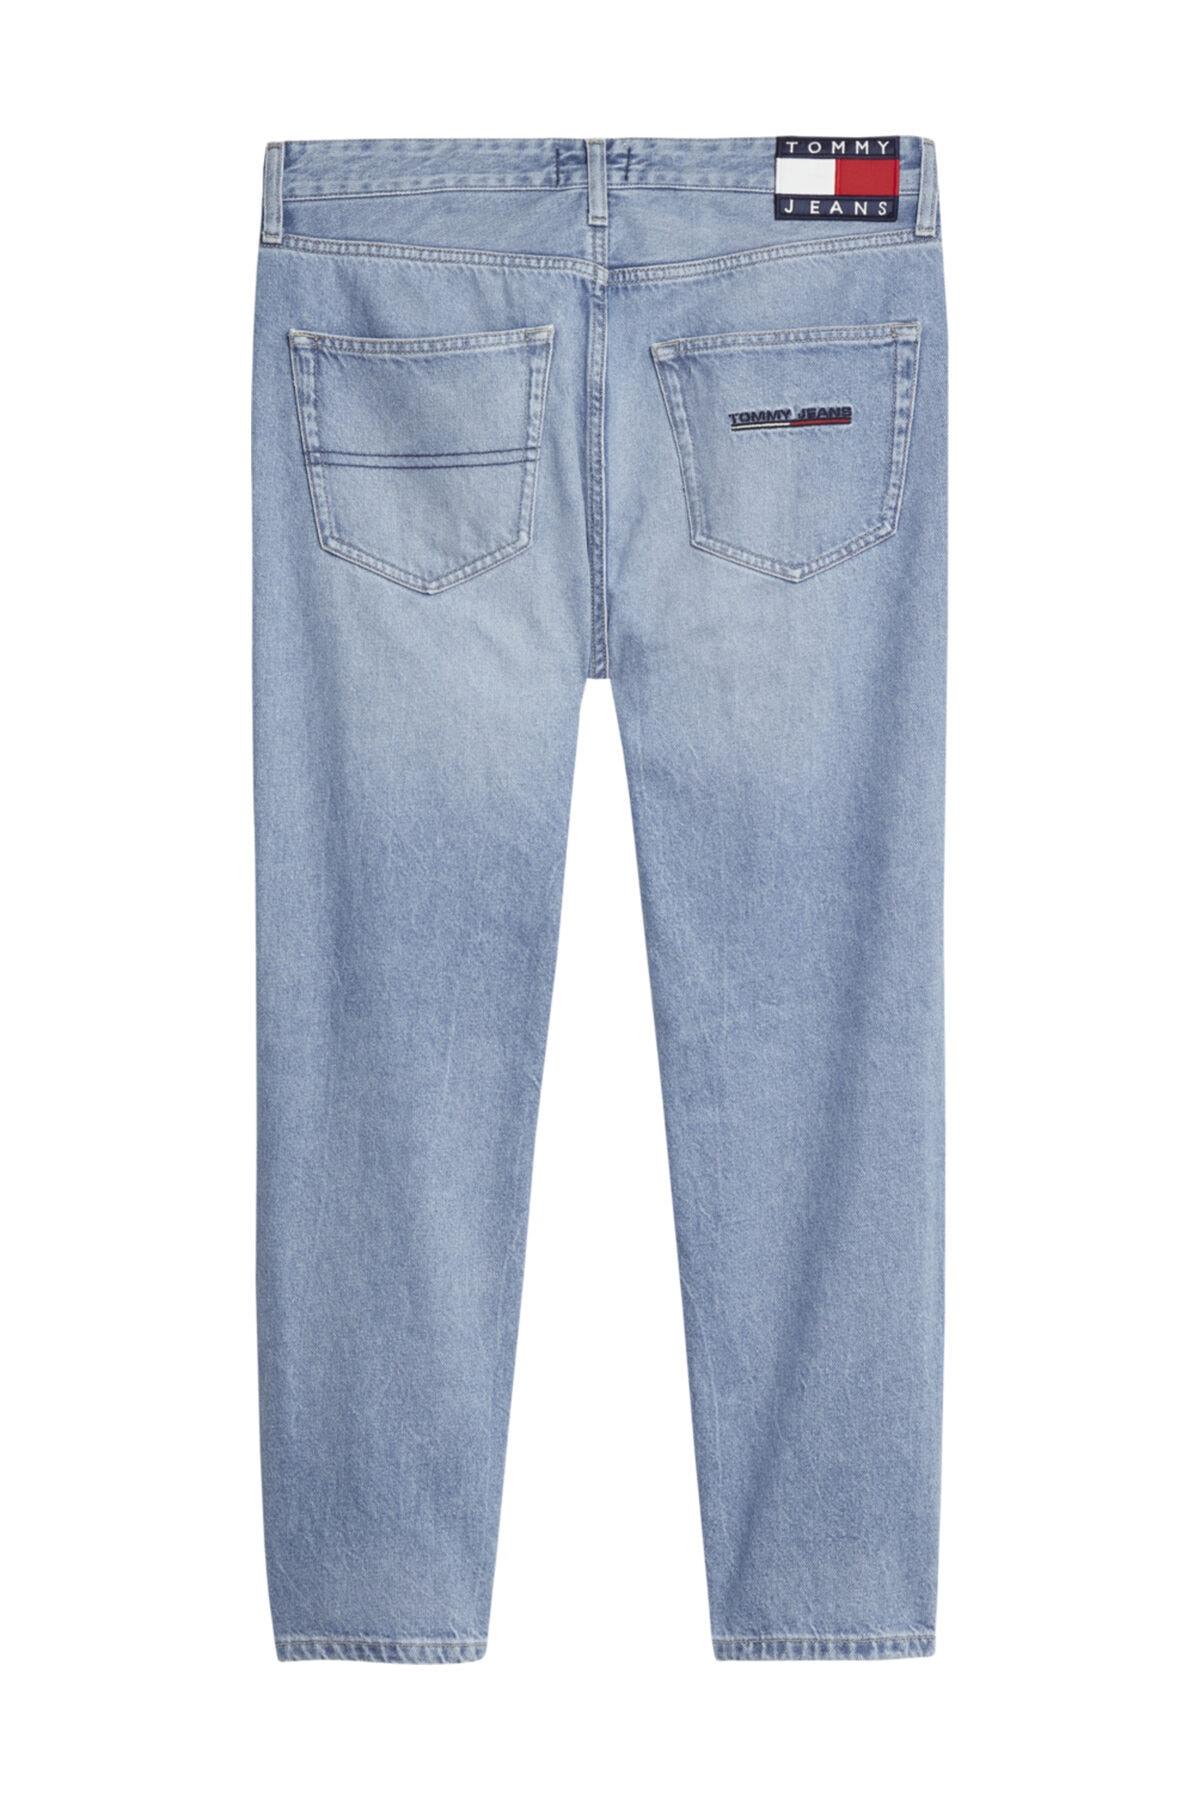 Tommy Hilfiger Erkek Denim Jeans Dad Jean Strght Svlb DM0DM08270 2